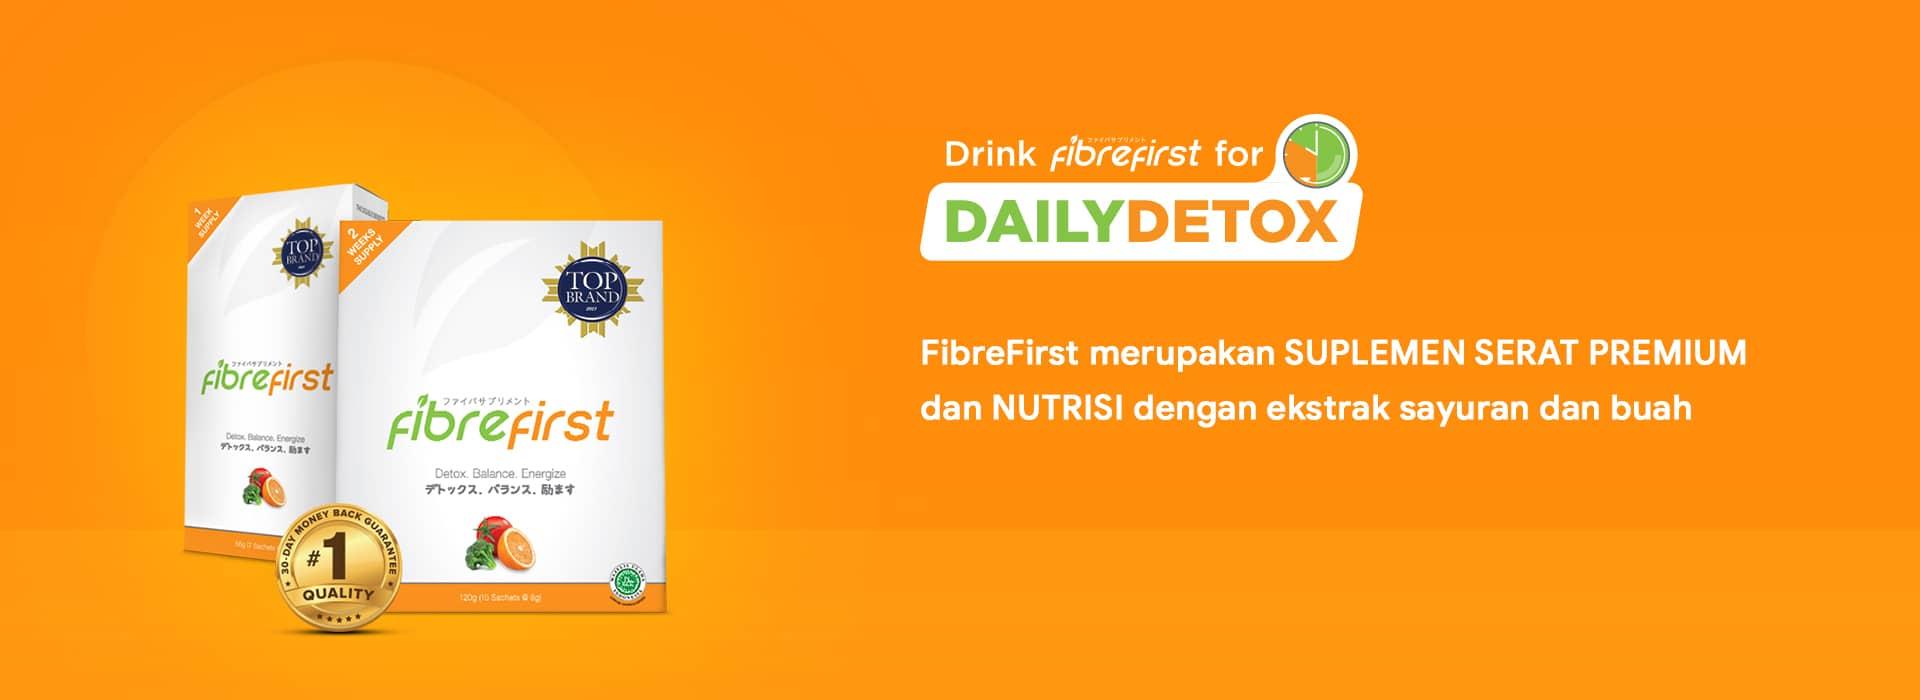 FibreFirst Merupakan Suplemen Serat Premium